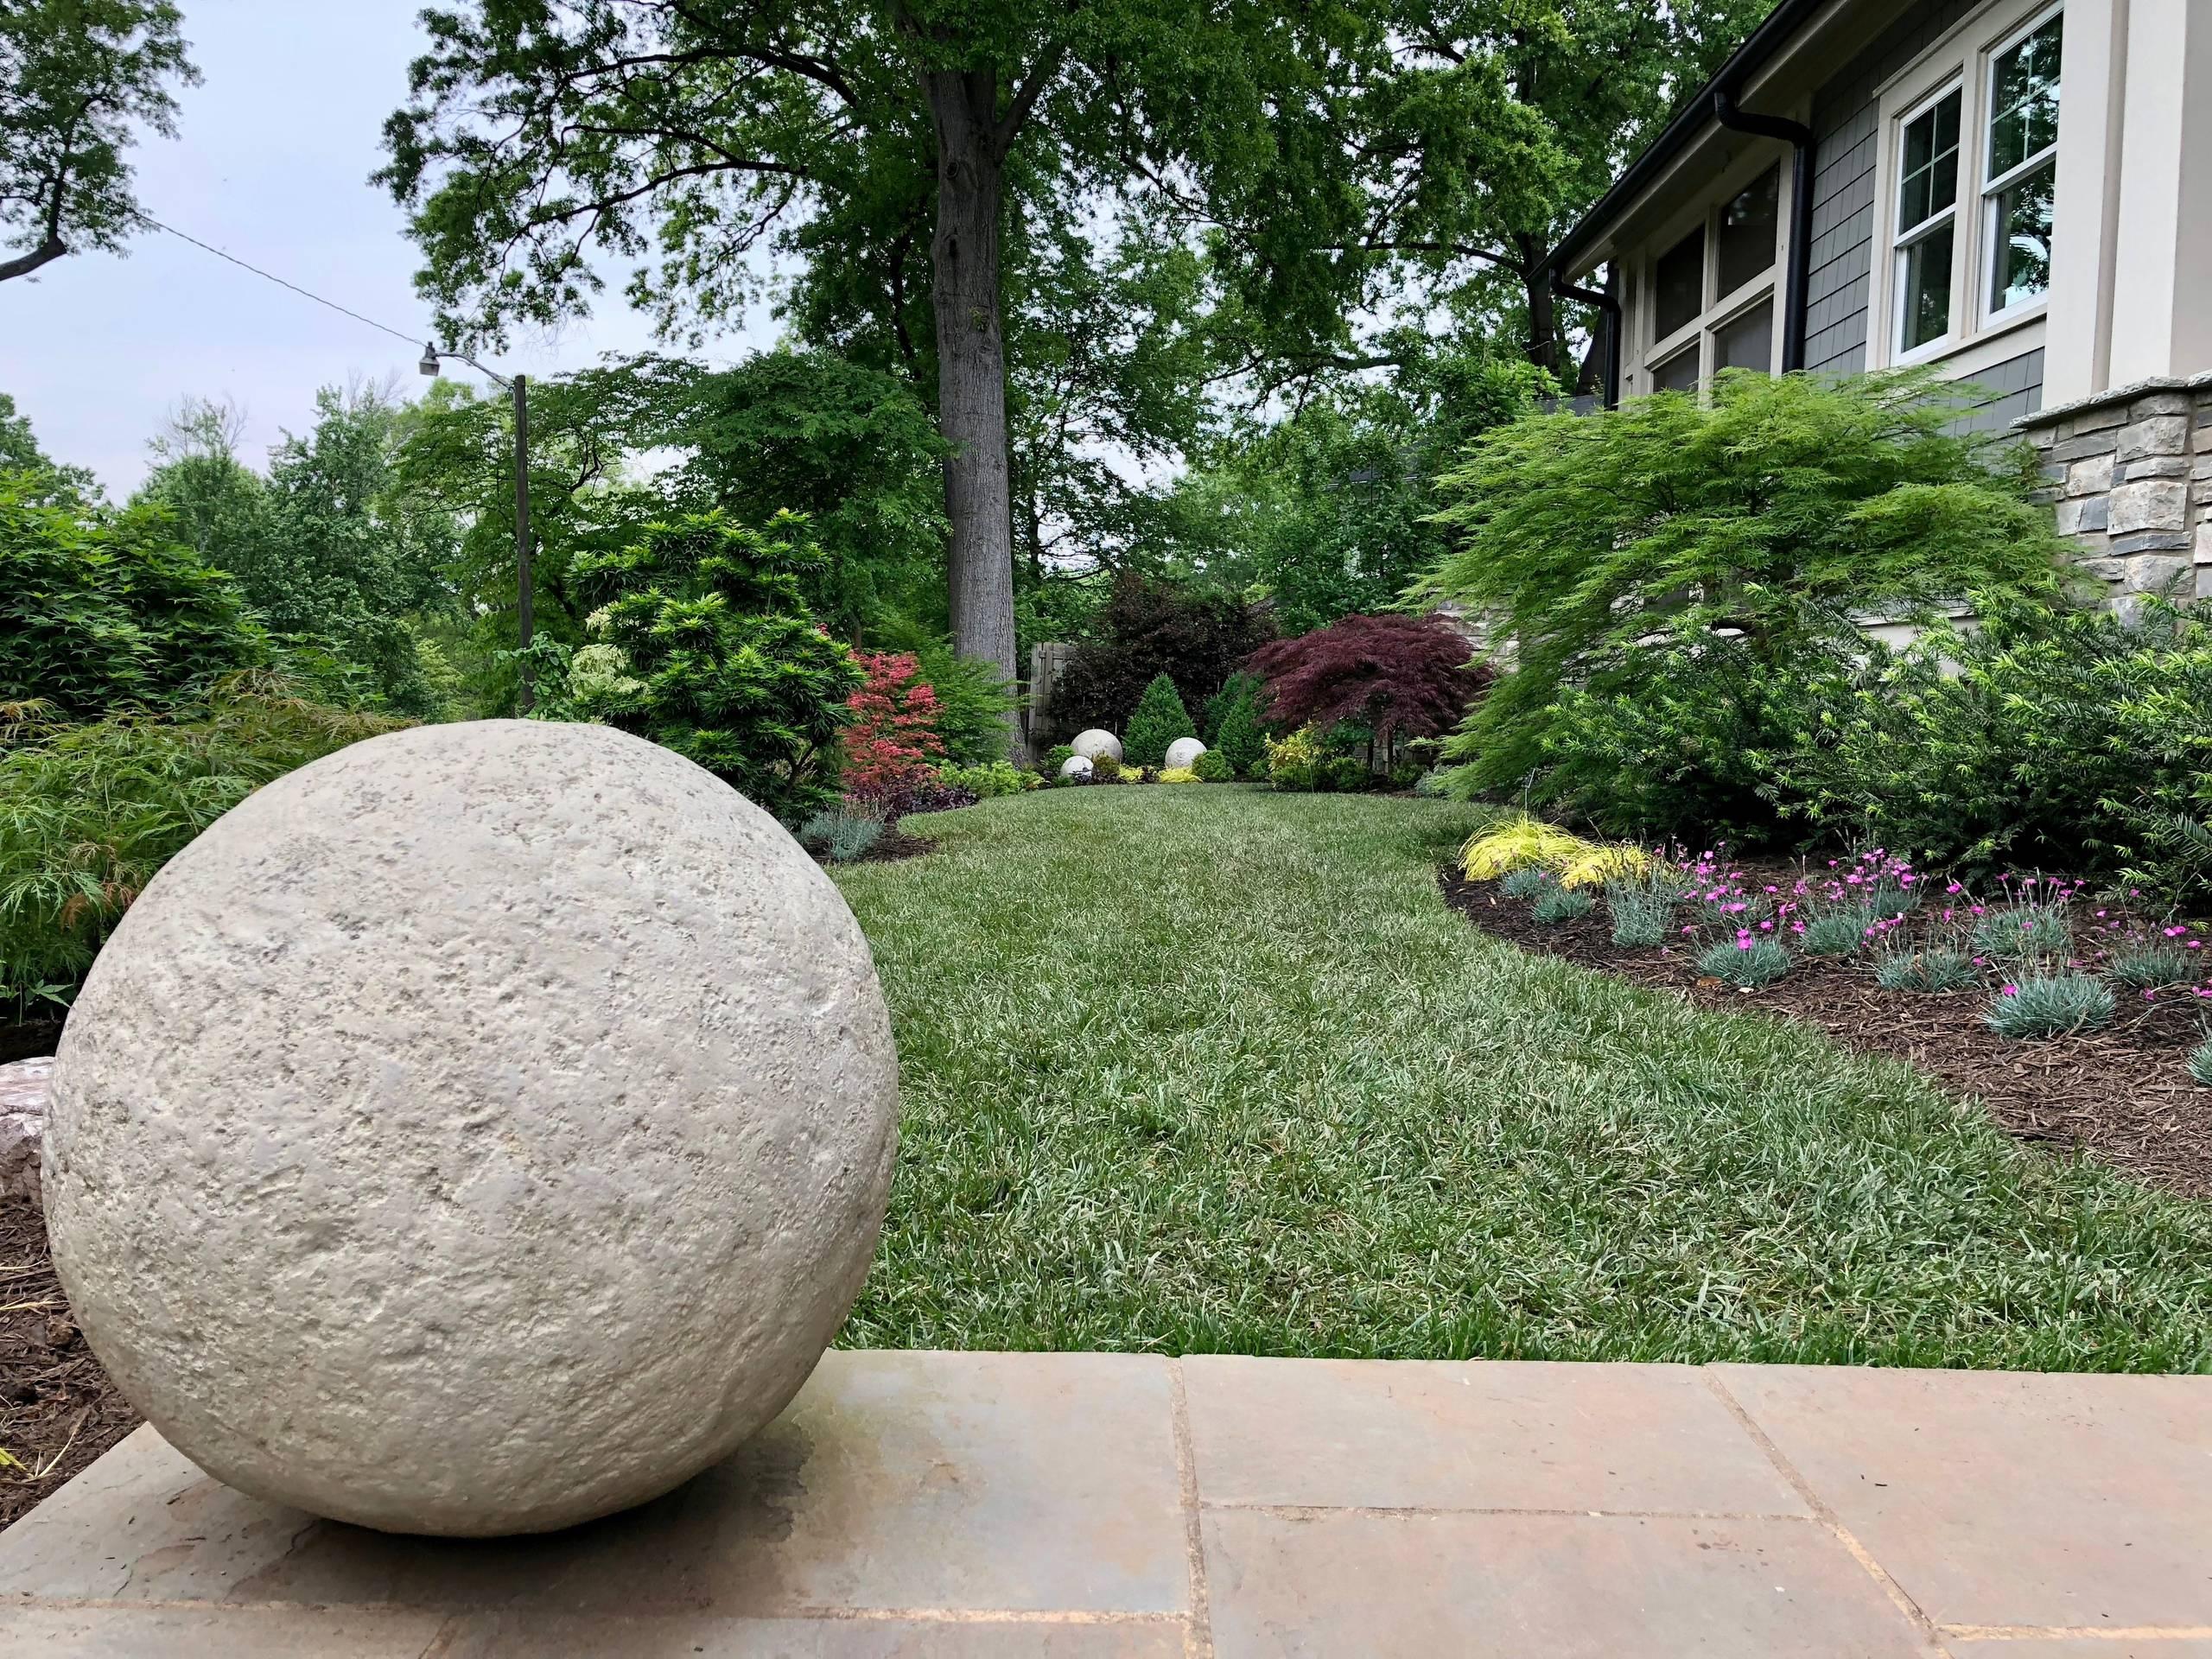 Axial spheres